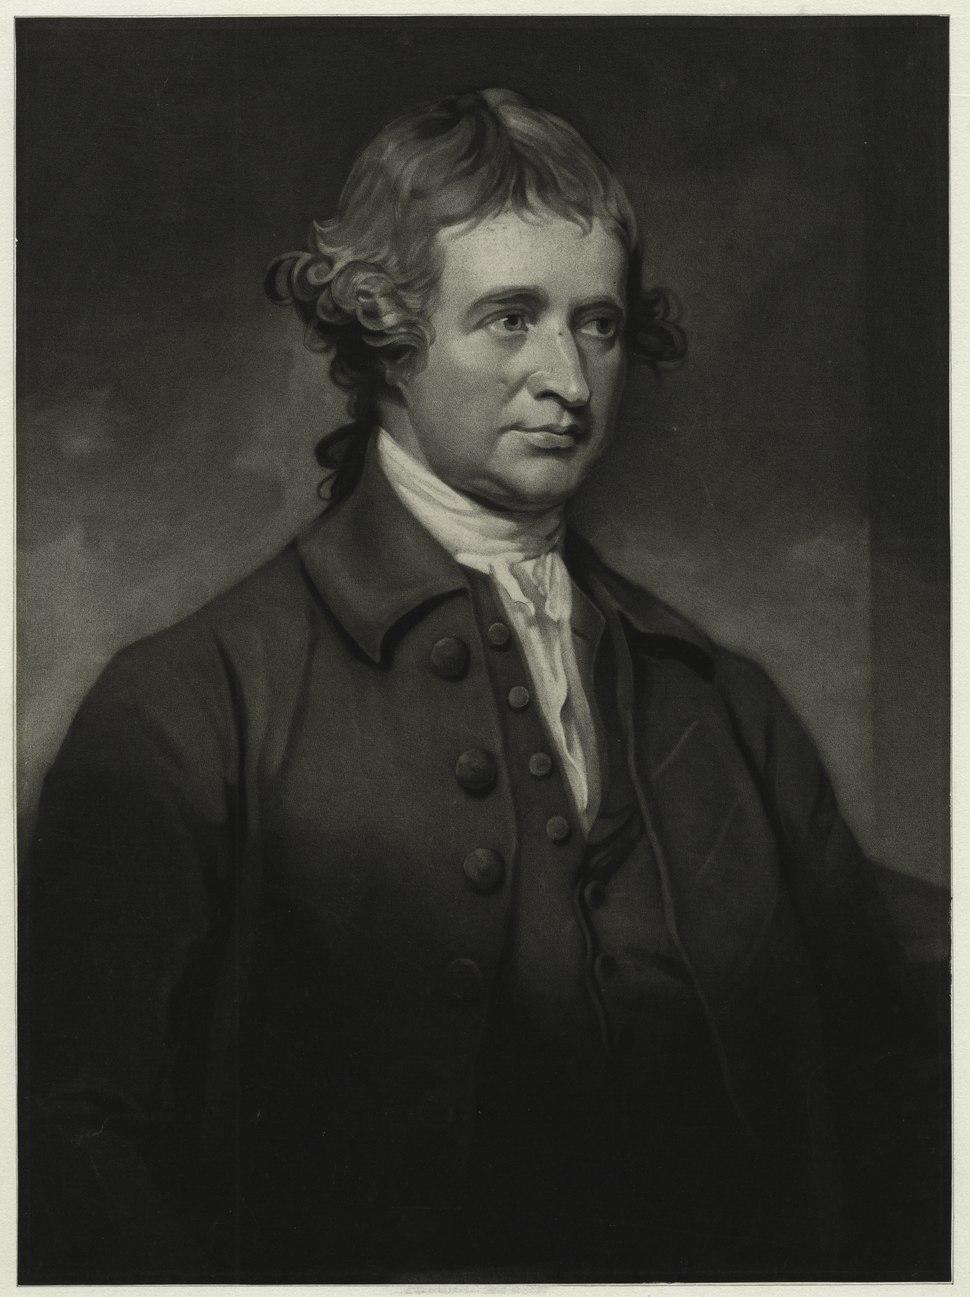 Edmund Burke (NYPL NYPG94-F149-419938)